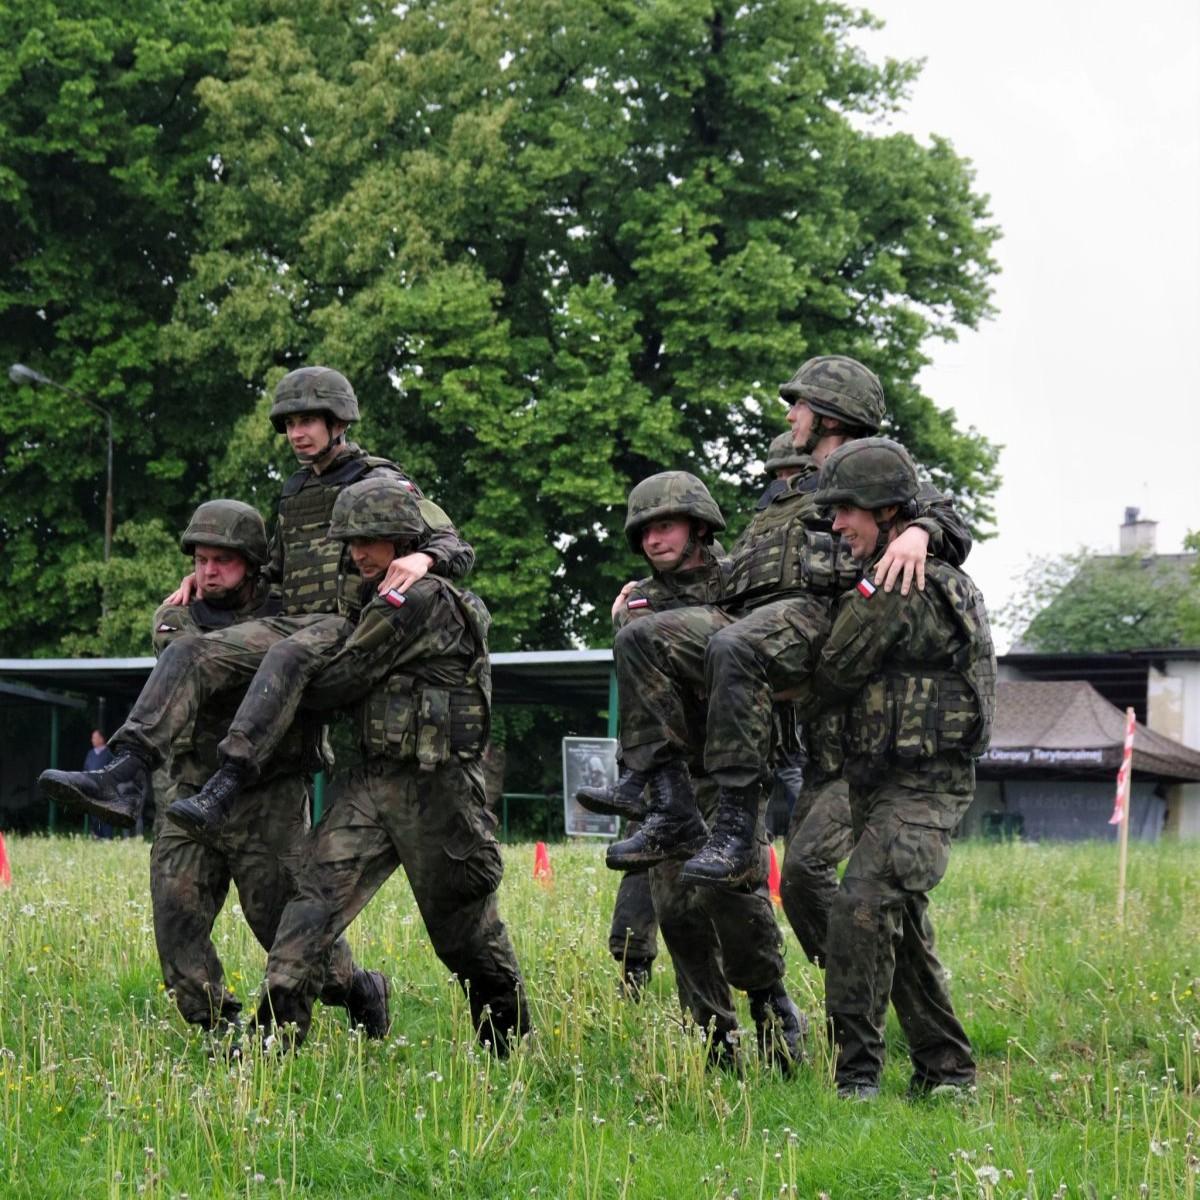 Puchar zostaje w rekach żołnierzy! Terytorialsi kontra studenci (ZDJĘCIA)